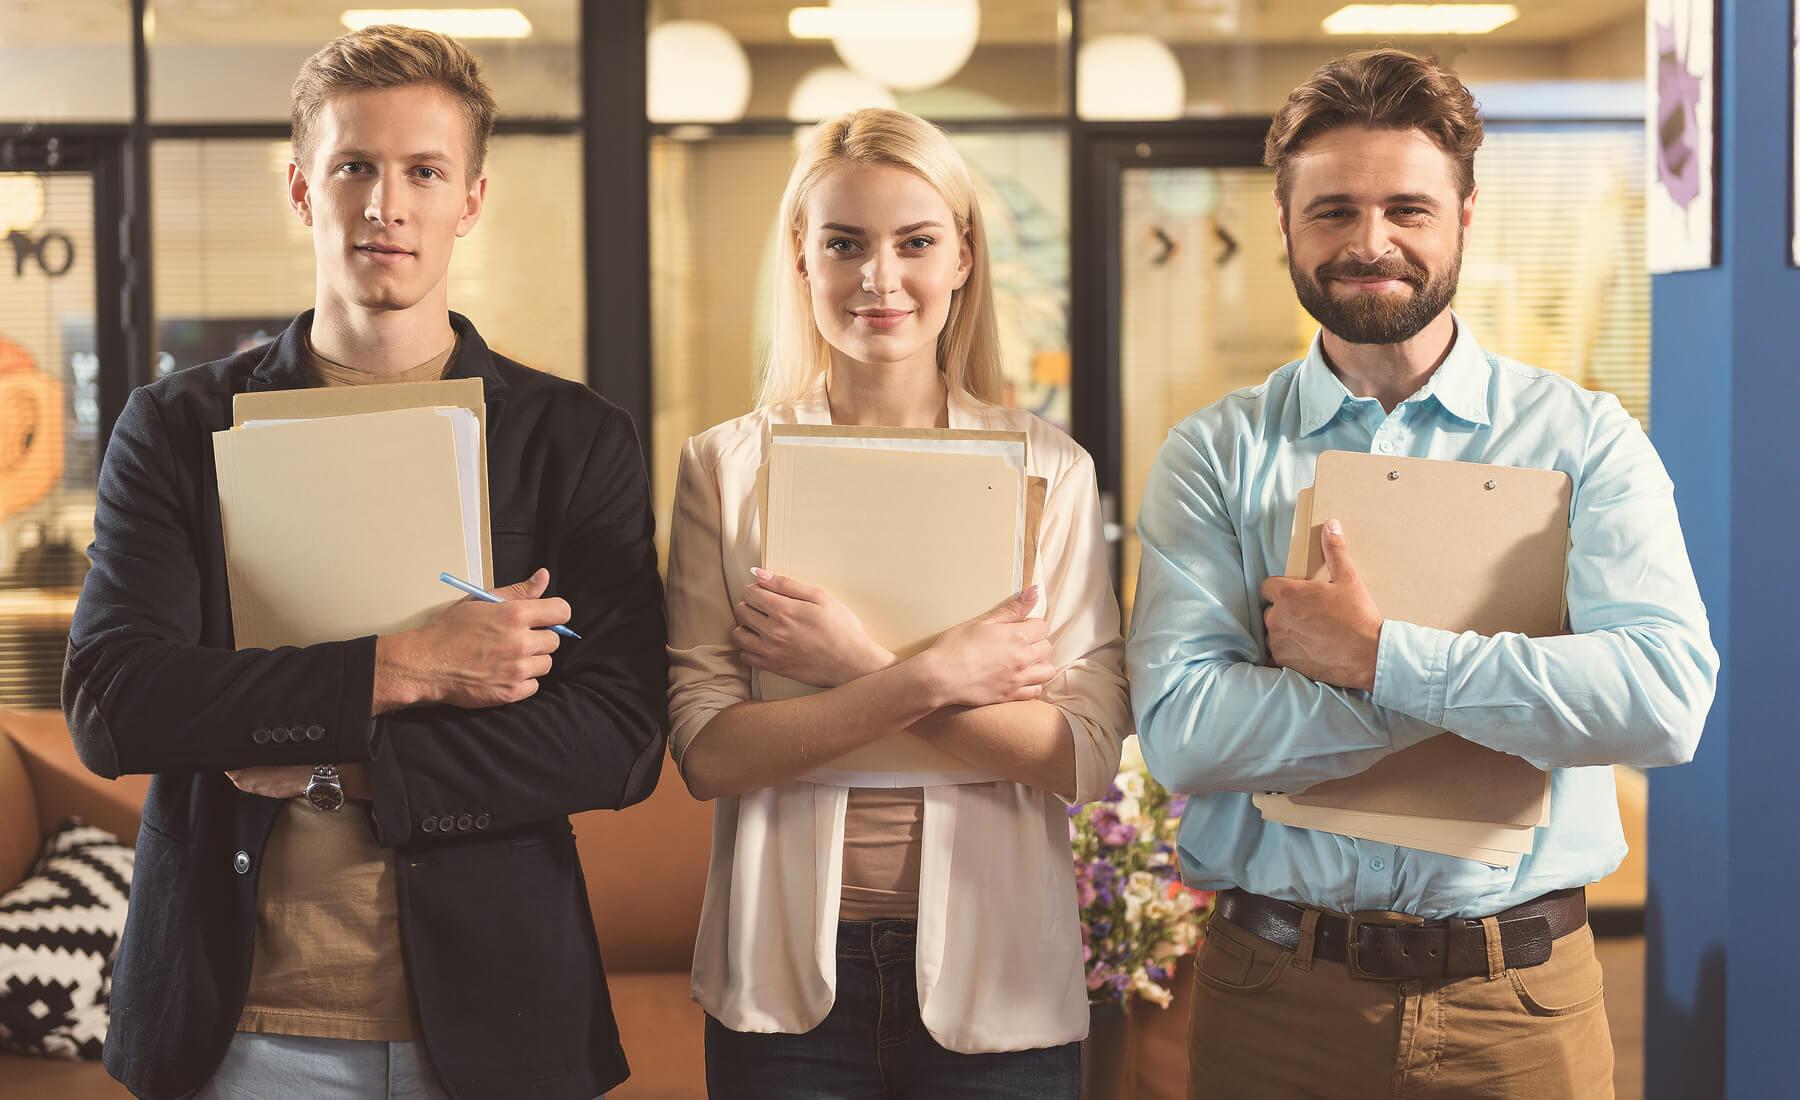 چطور در مصاحبه شغلی موفق شویم؟